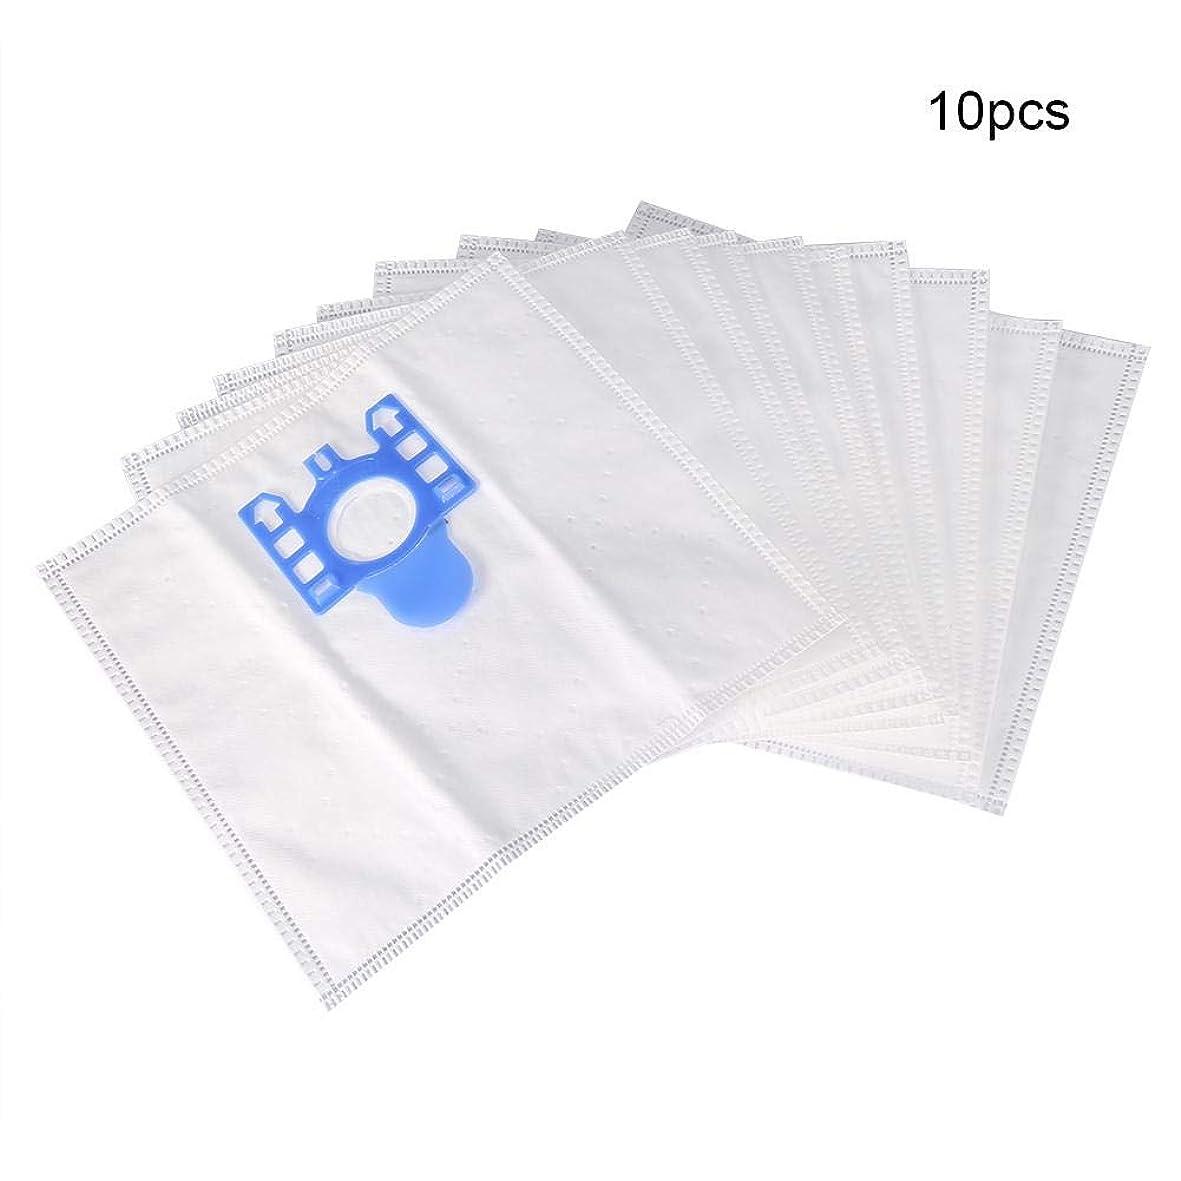 柔らかい昨日次へSalinr ダストバッグ ネイルダスト 集塵バック アクリルネイル用ツール 集塵機 ほこり収納 10個のネイル不織布掃除機の交換バッグ ダストコレクションサロンツール ダスト 集塵機用